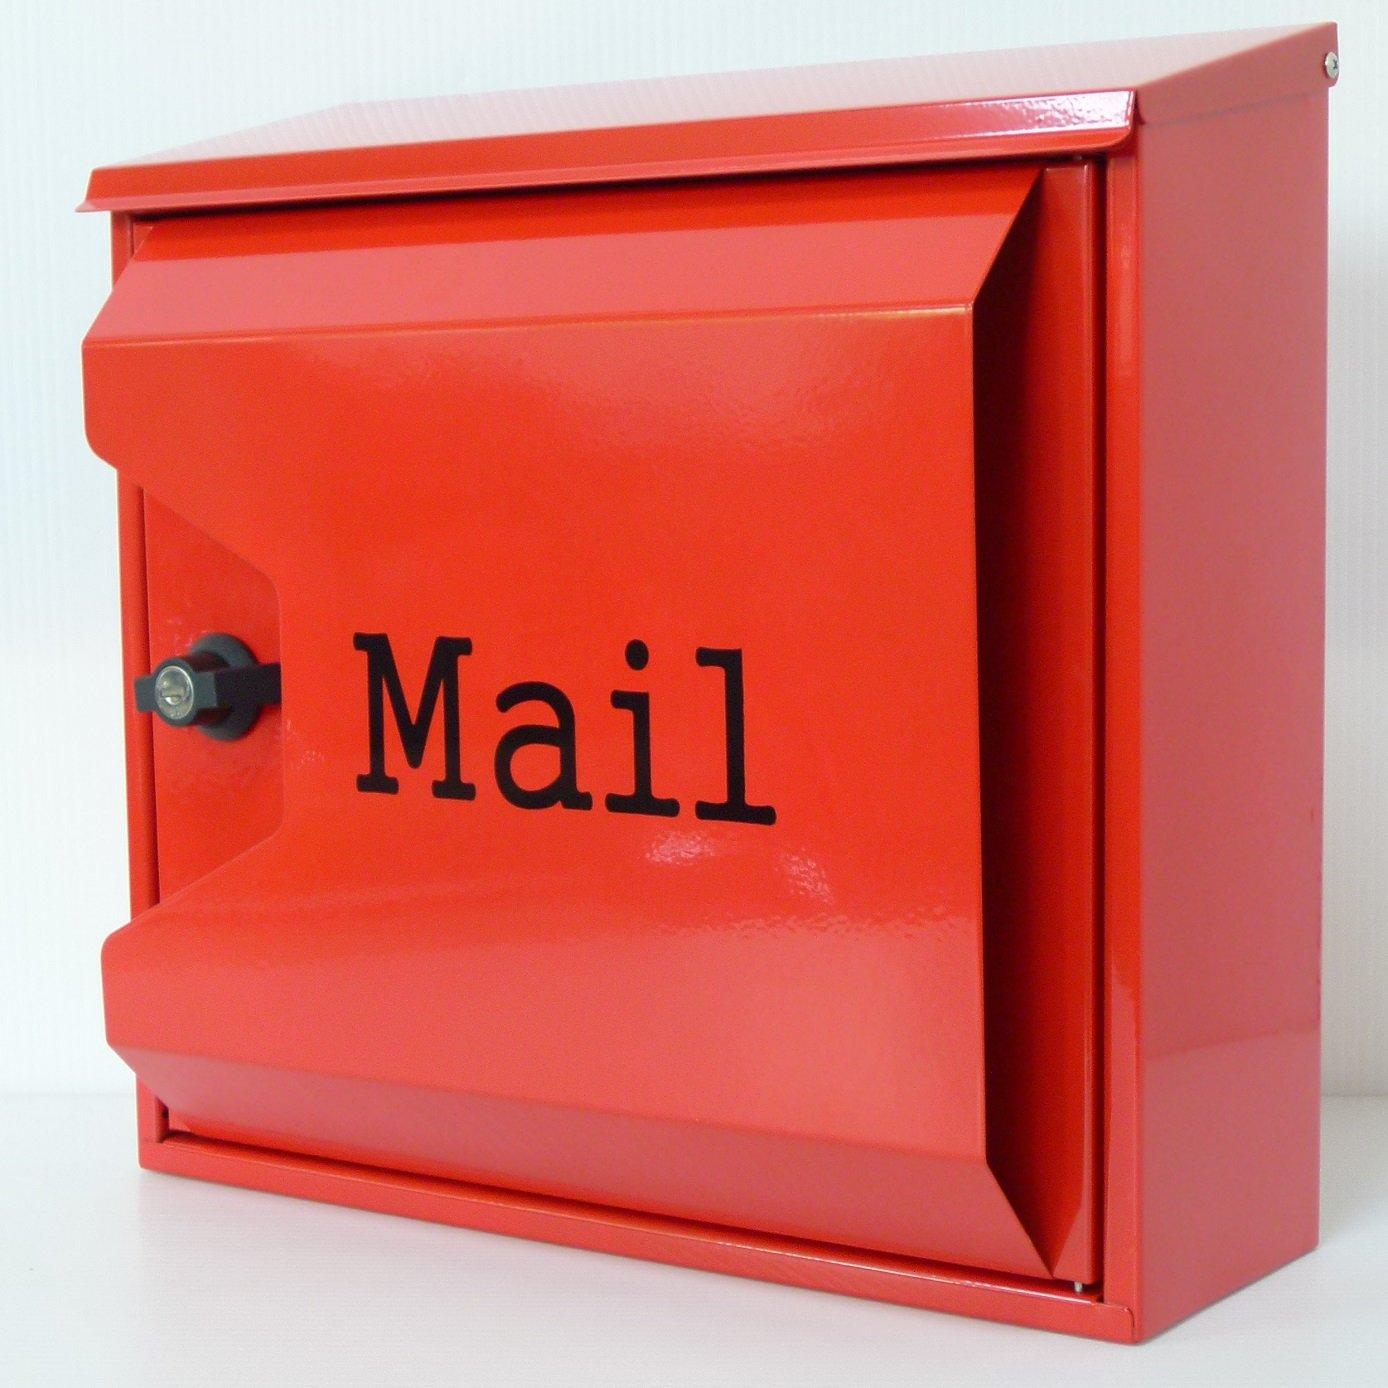 郵便ポスト郵便受け北欧モダンデザイン大型メールボックス 壁掛けプレミアムステンレス レッド赤色ポストpm041 B0719LQKGY 12880